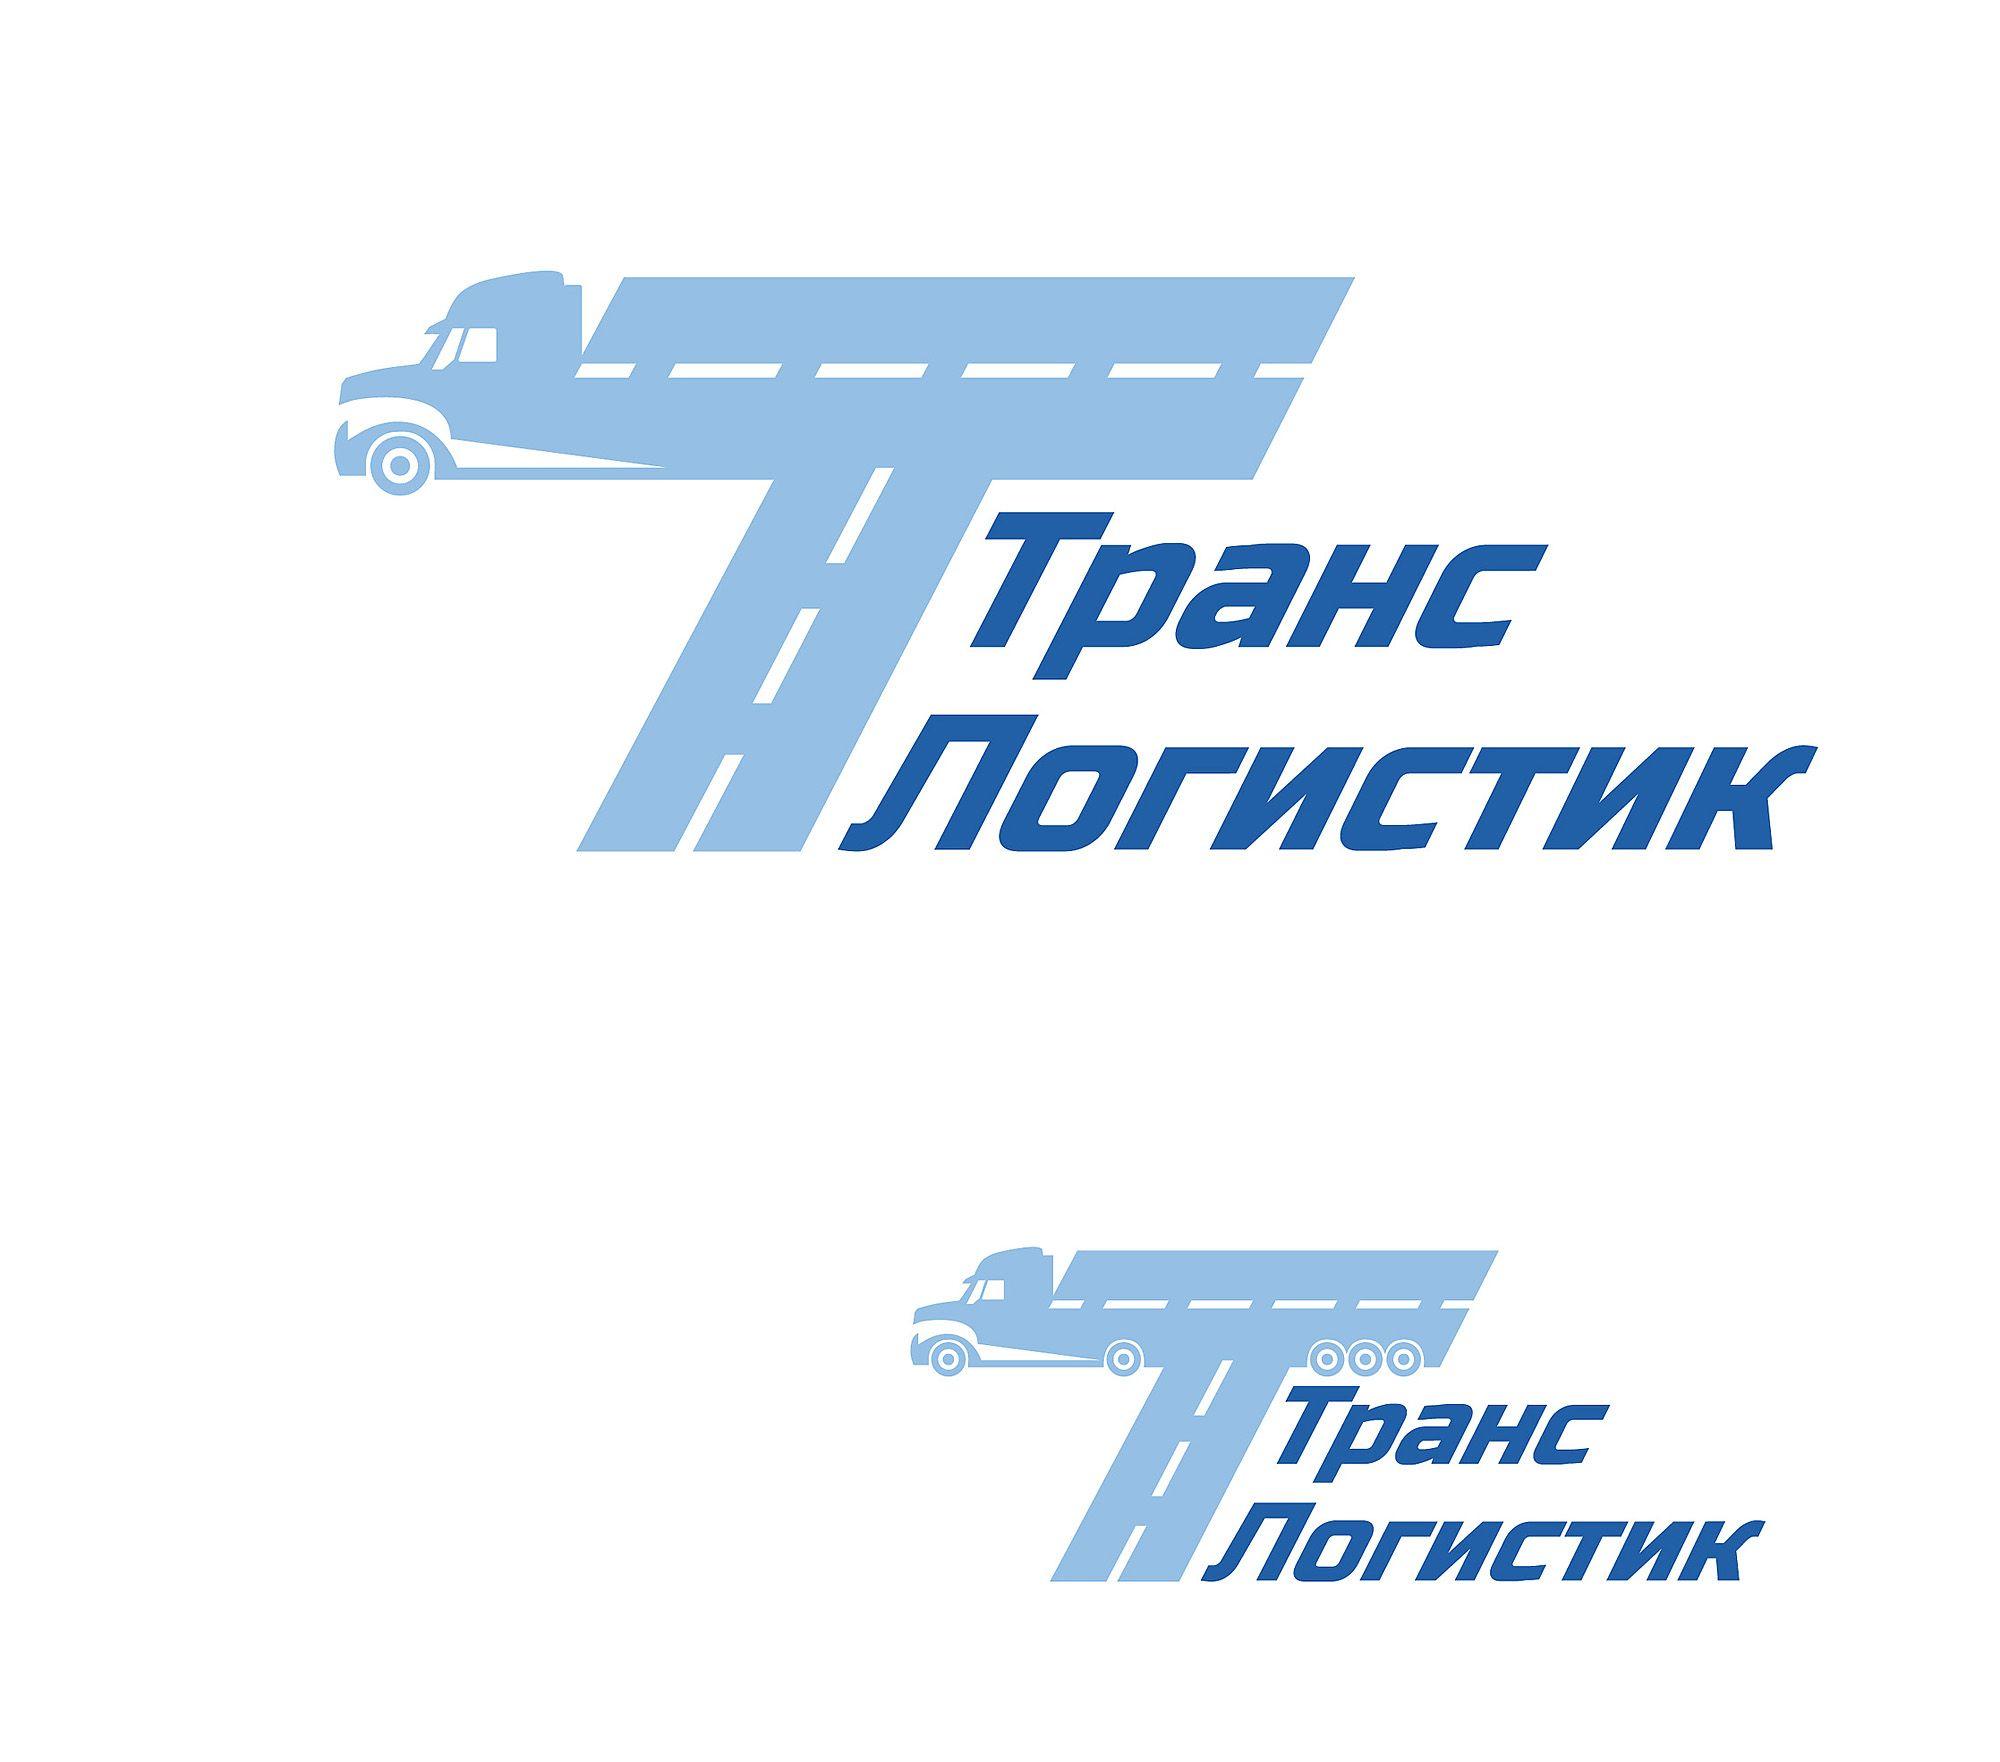 Логотип и визитка для транспортной компании - дизайнер andblin61